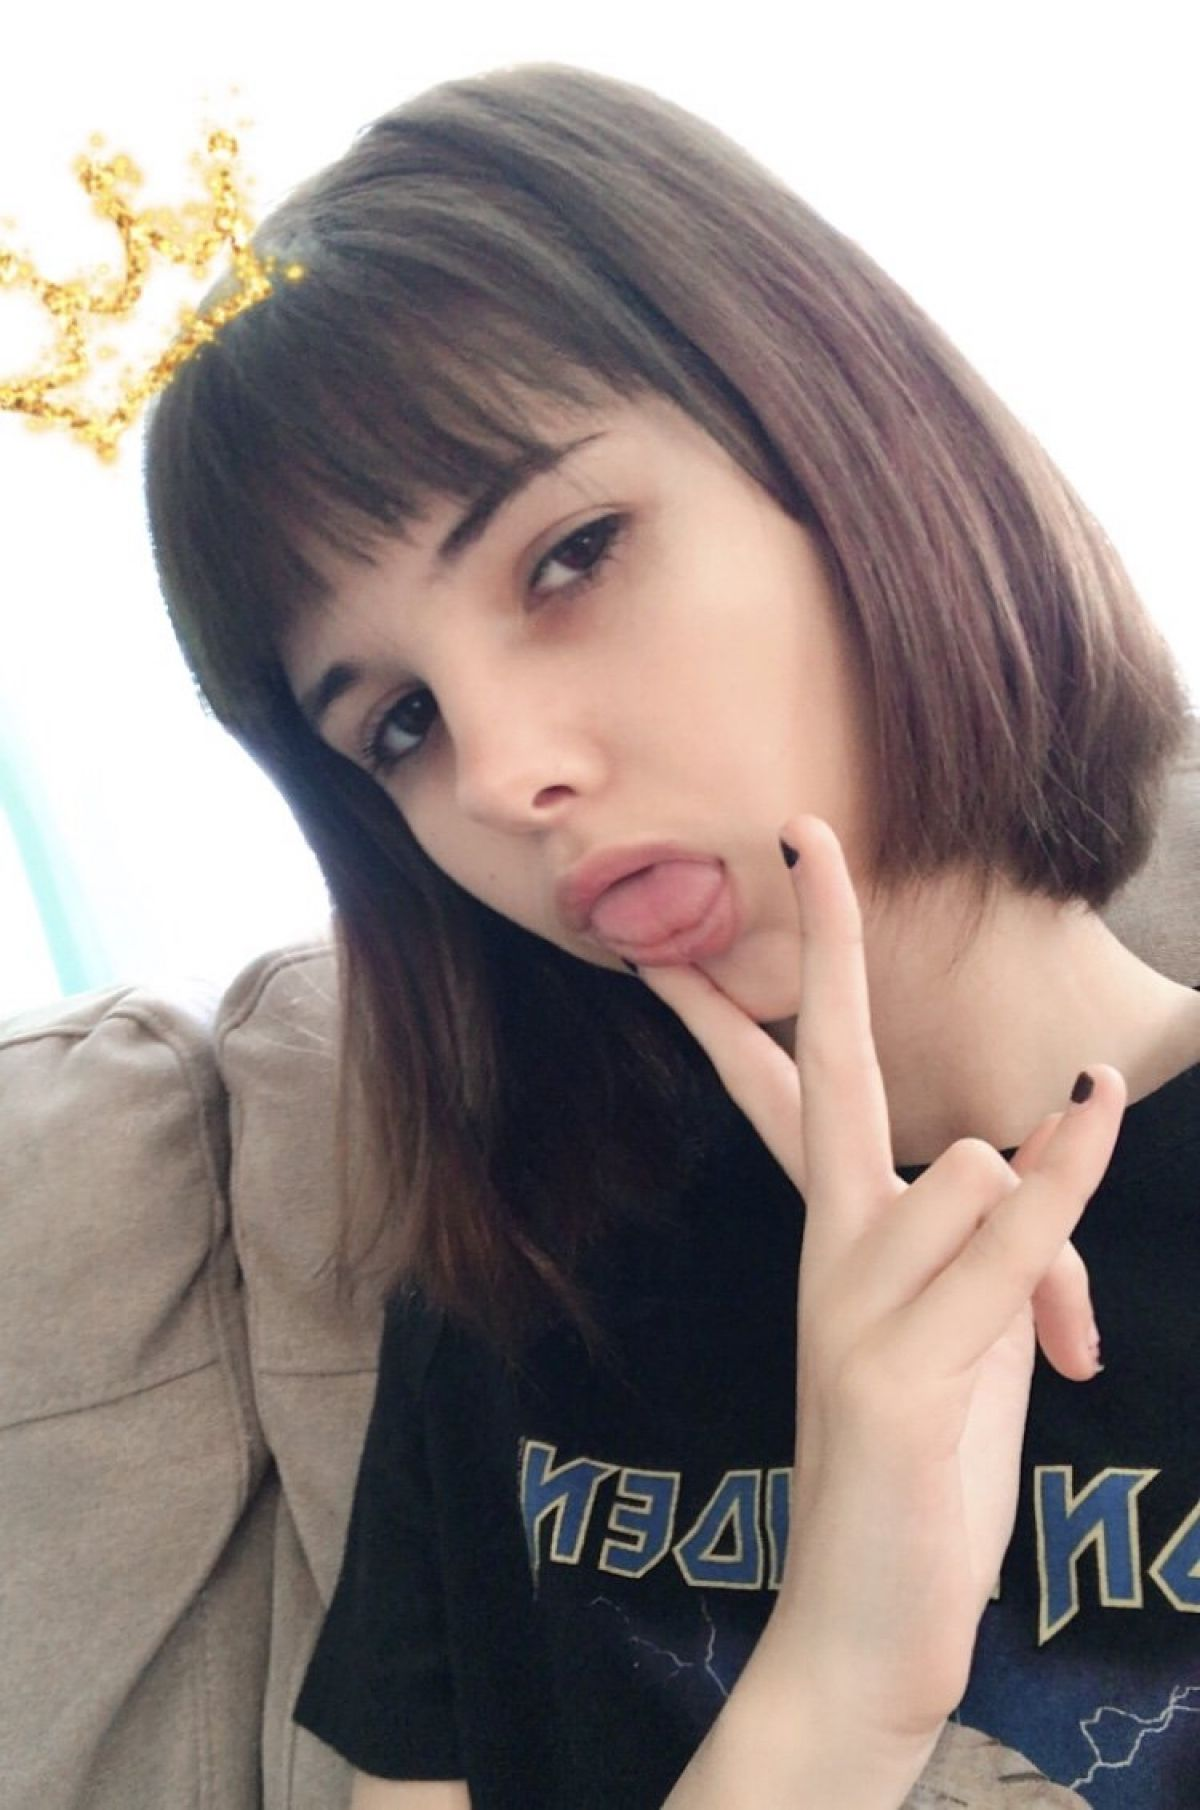 Vražda 17leté teenagerky. Vrah jí brutálně podřezal hrdlo, fotku mrtvoly pak zveřejnil na Instagram Stories